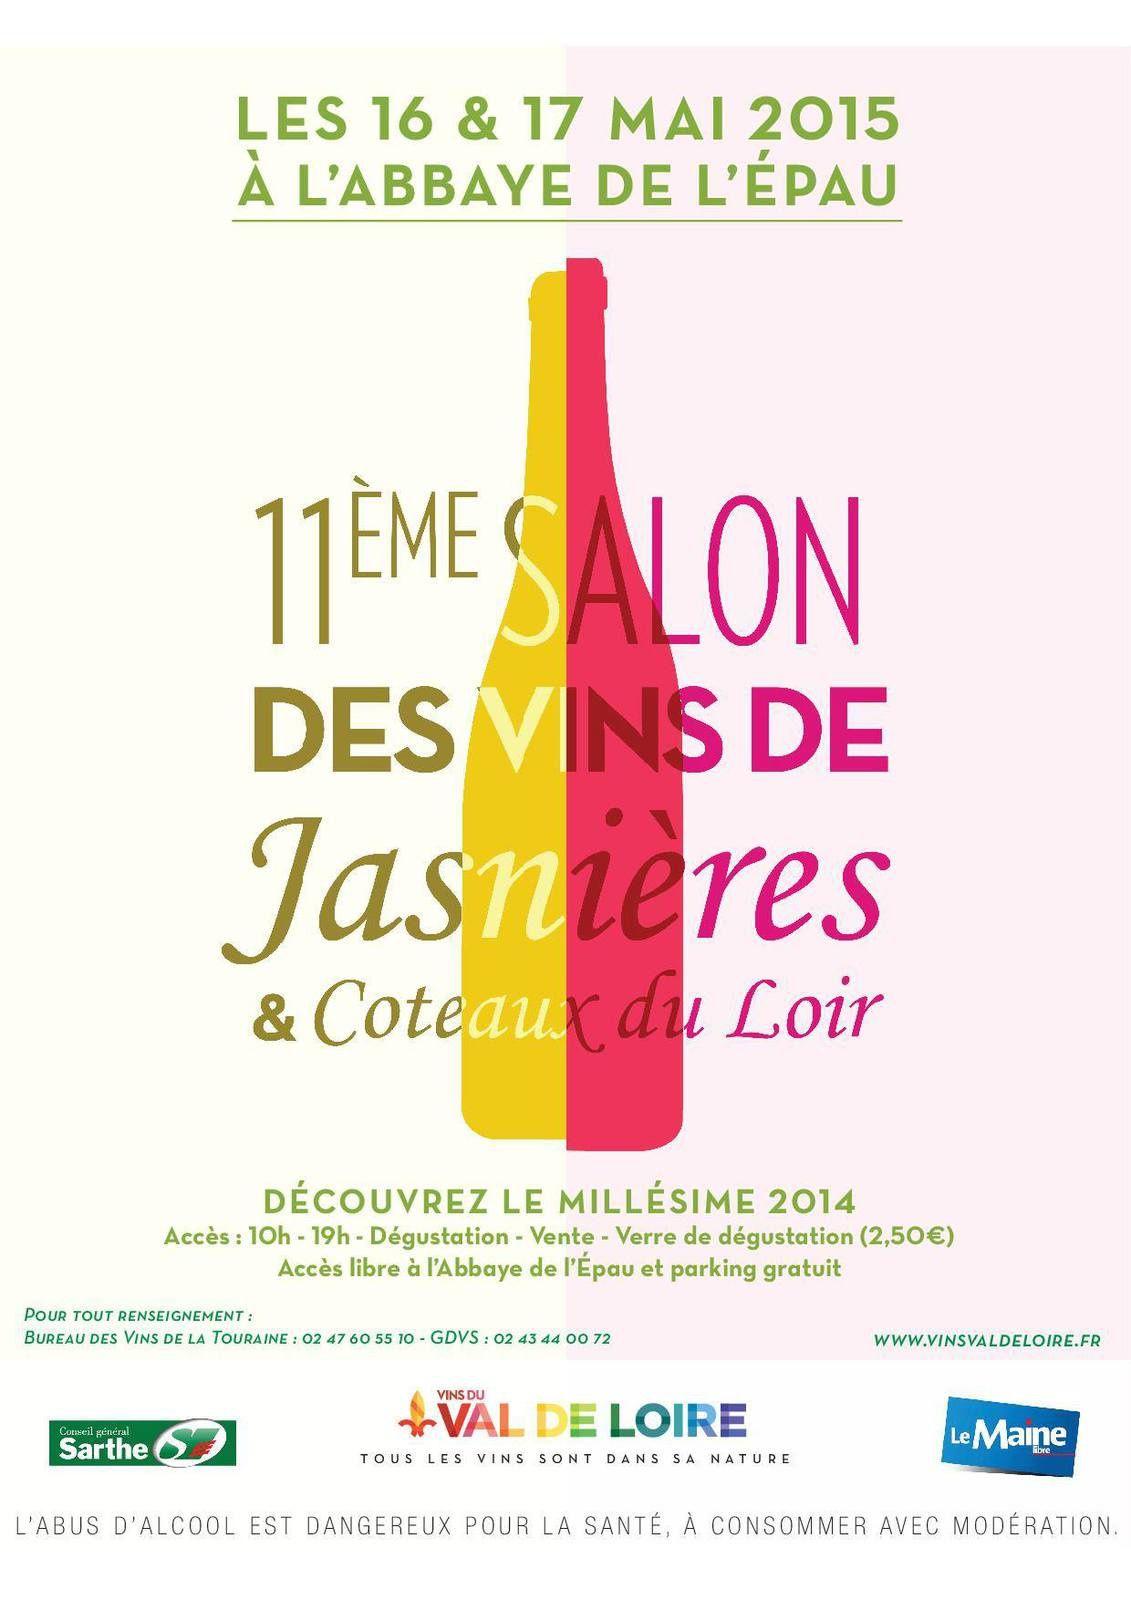 Salon Coteaux du Loir et Jasnières: 16 et 17 Mai 2015 à l'Abbaye de l'EPAU